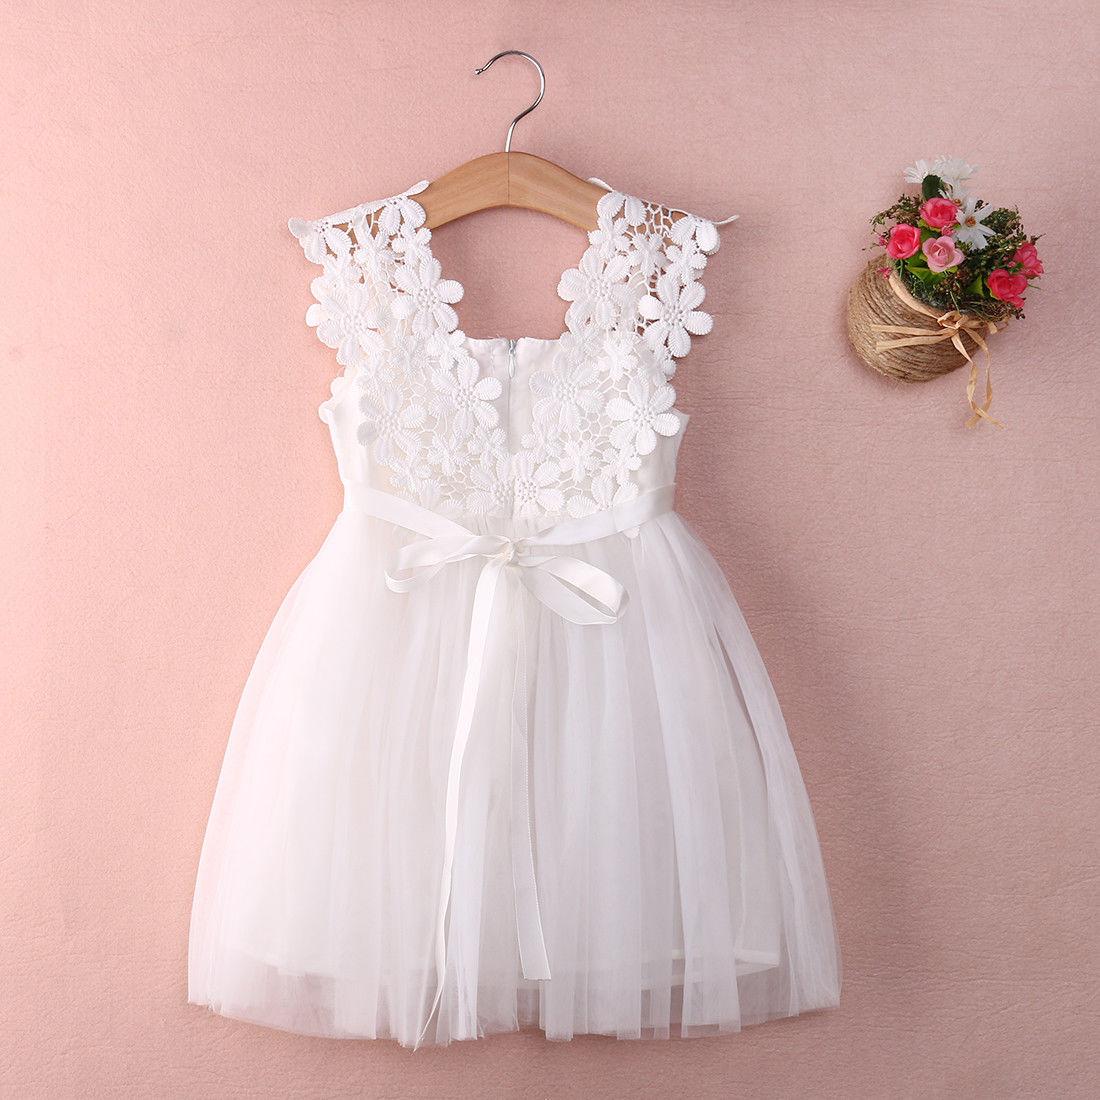 Vestido de ceremonia para bebé niña ropa para niños tutú Vestidos infantiles para Niñas Ropa de boda vestido de fiesta Vestidos Robe Fille